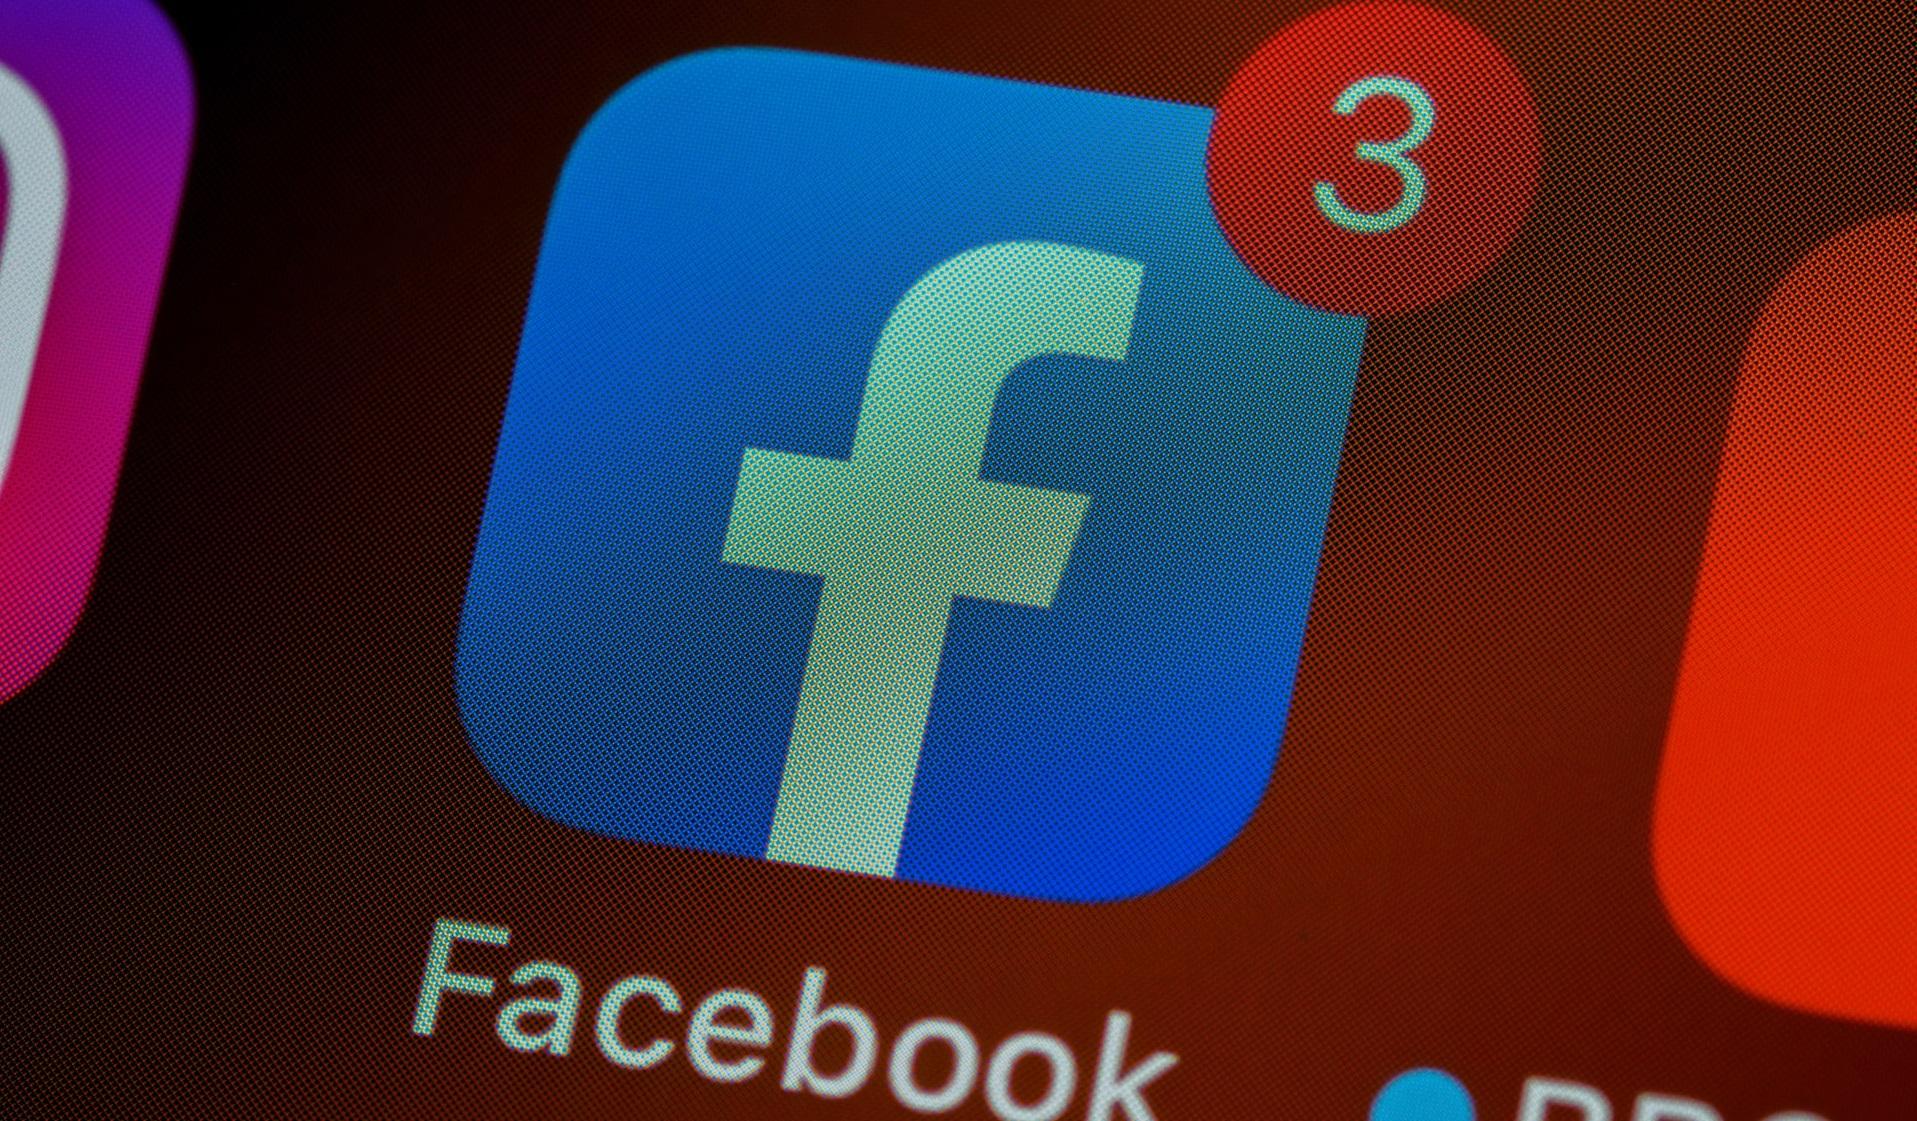 Angajații Facebook foloseau datele utilizatorilor în interes propriu